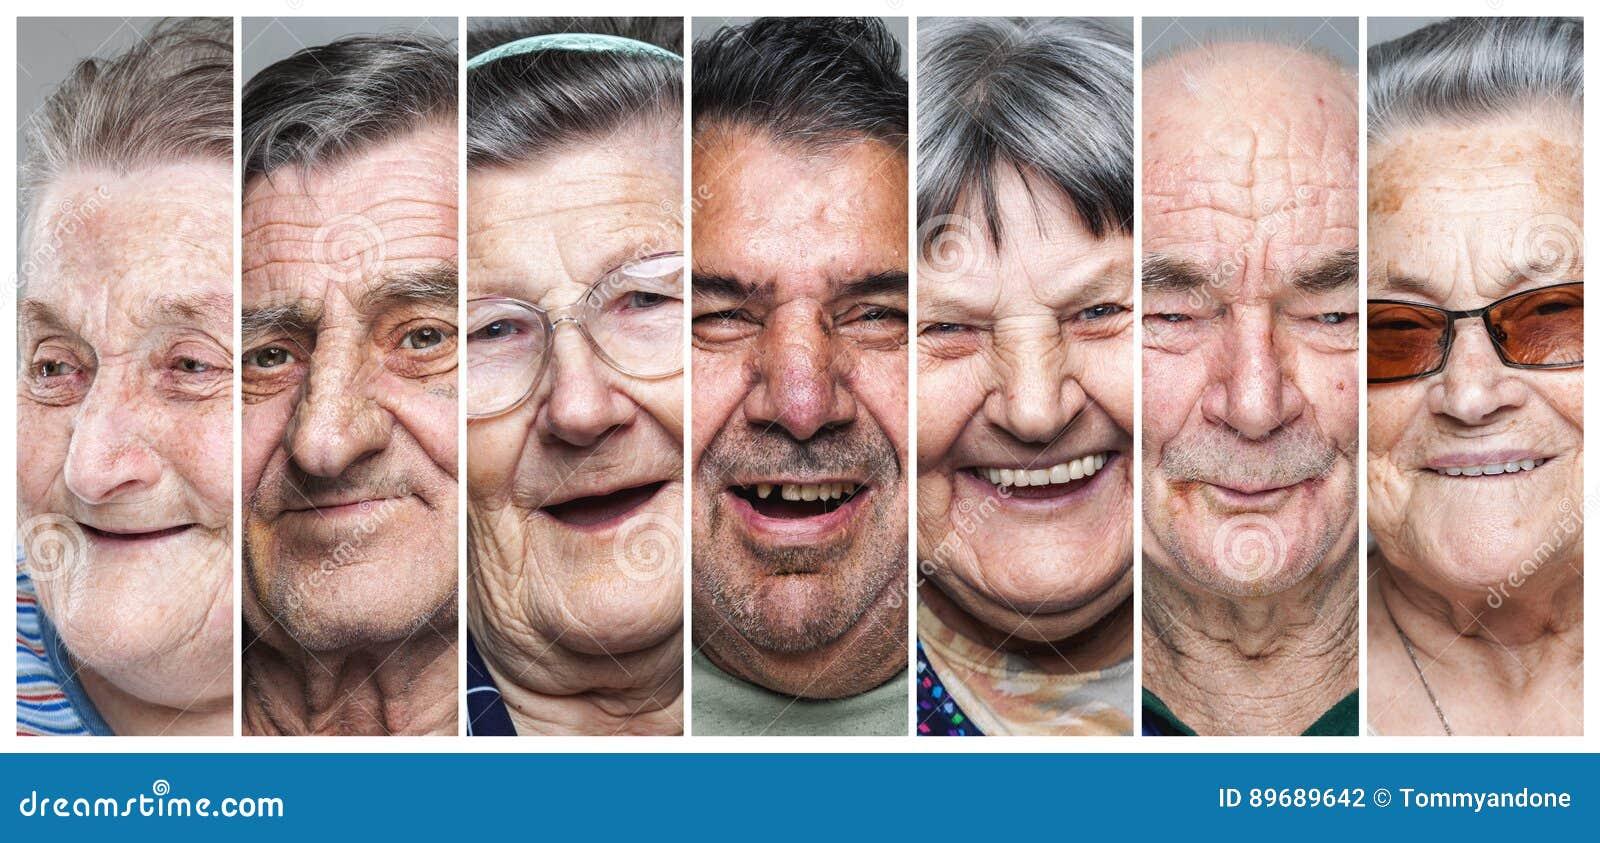 Lycklig gamla människor Collage av förtjust och att le äldre män och kvinnor